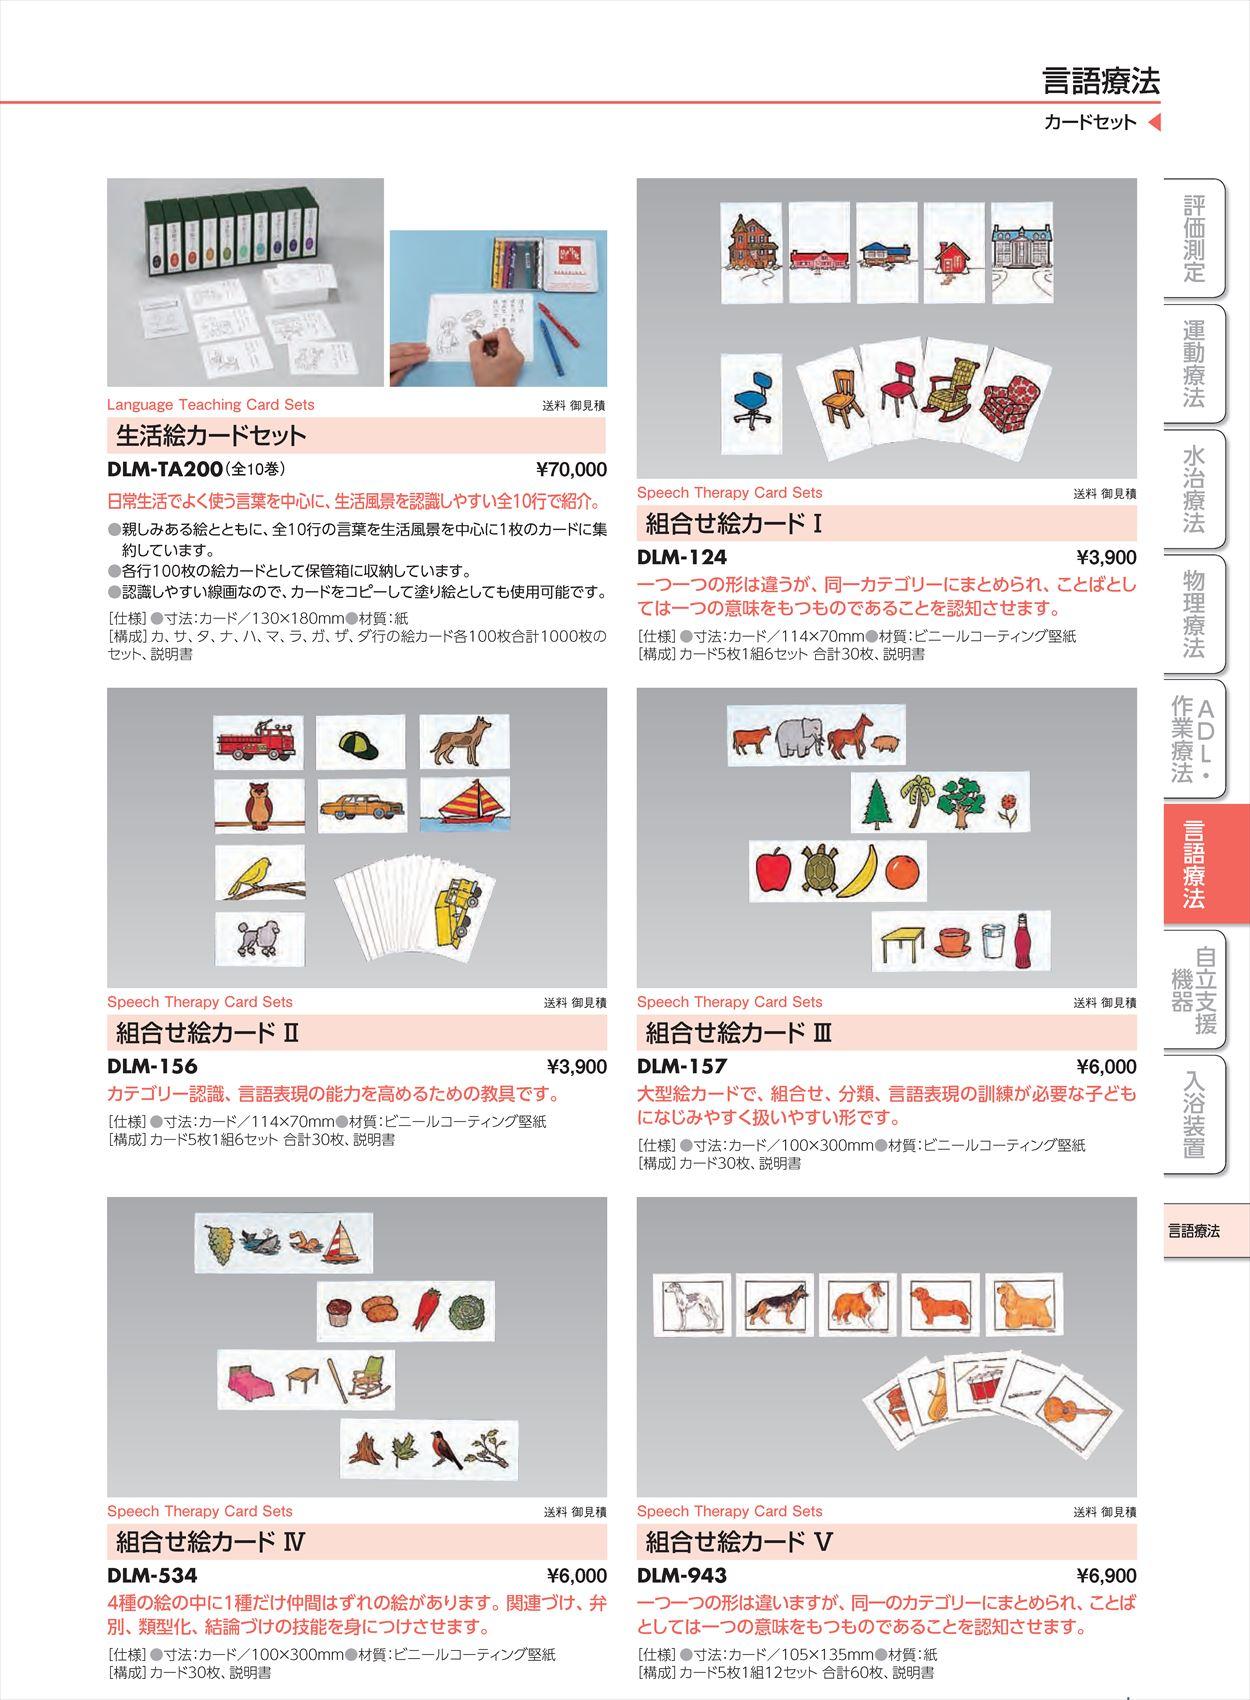 組合せ絵カード?DLM-157[組](sa14Q34688)【酒井医療】